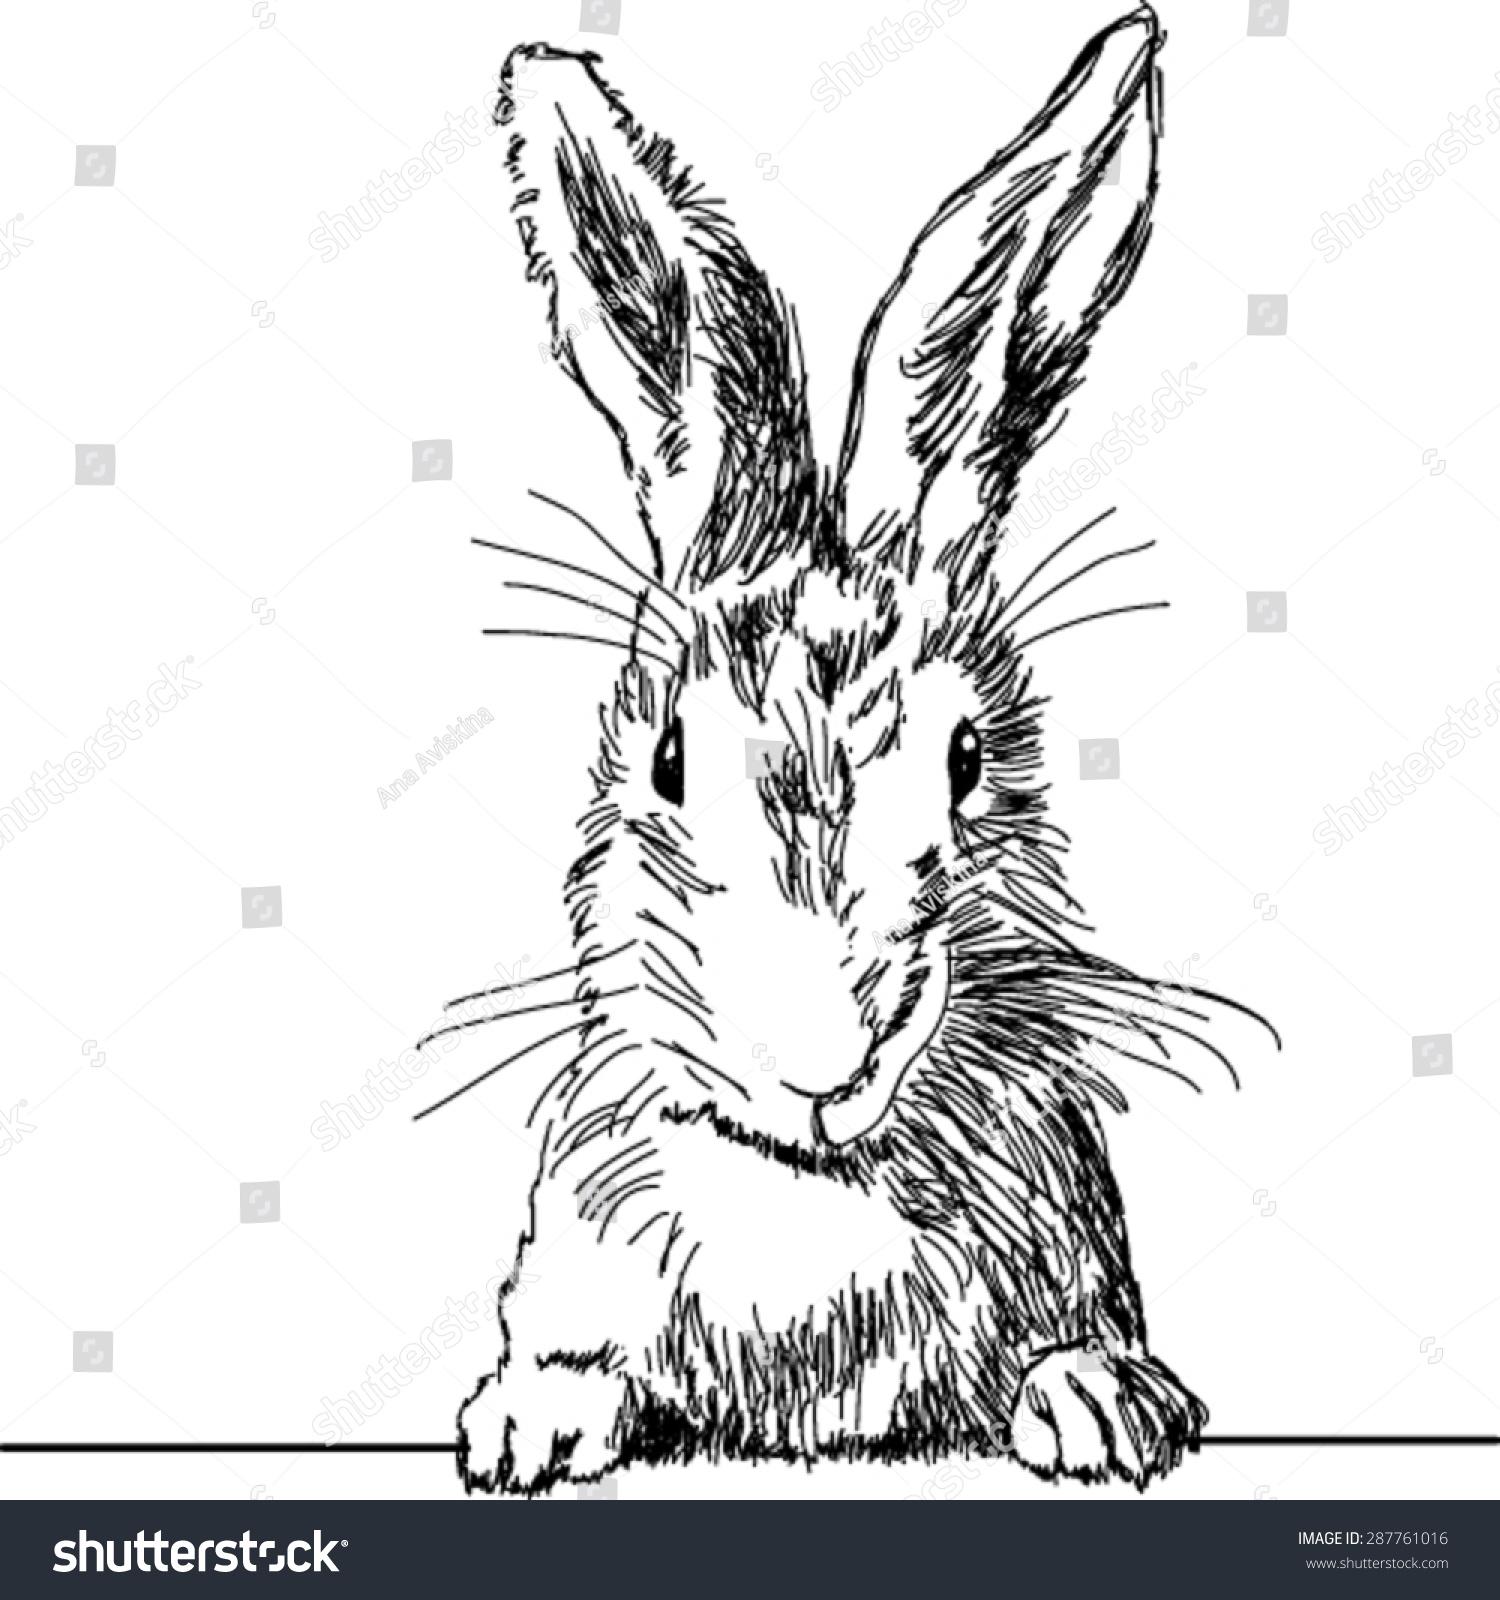 手绘可爱的兔子-动物/野生生物